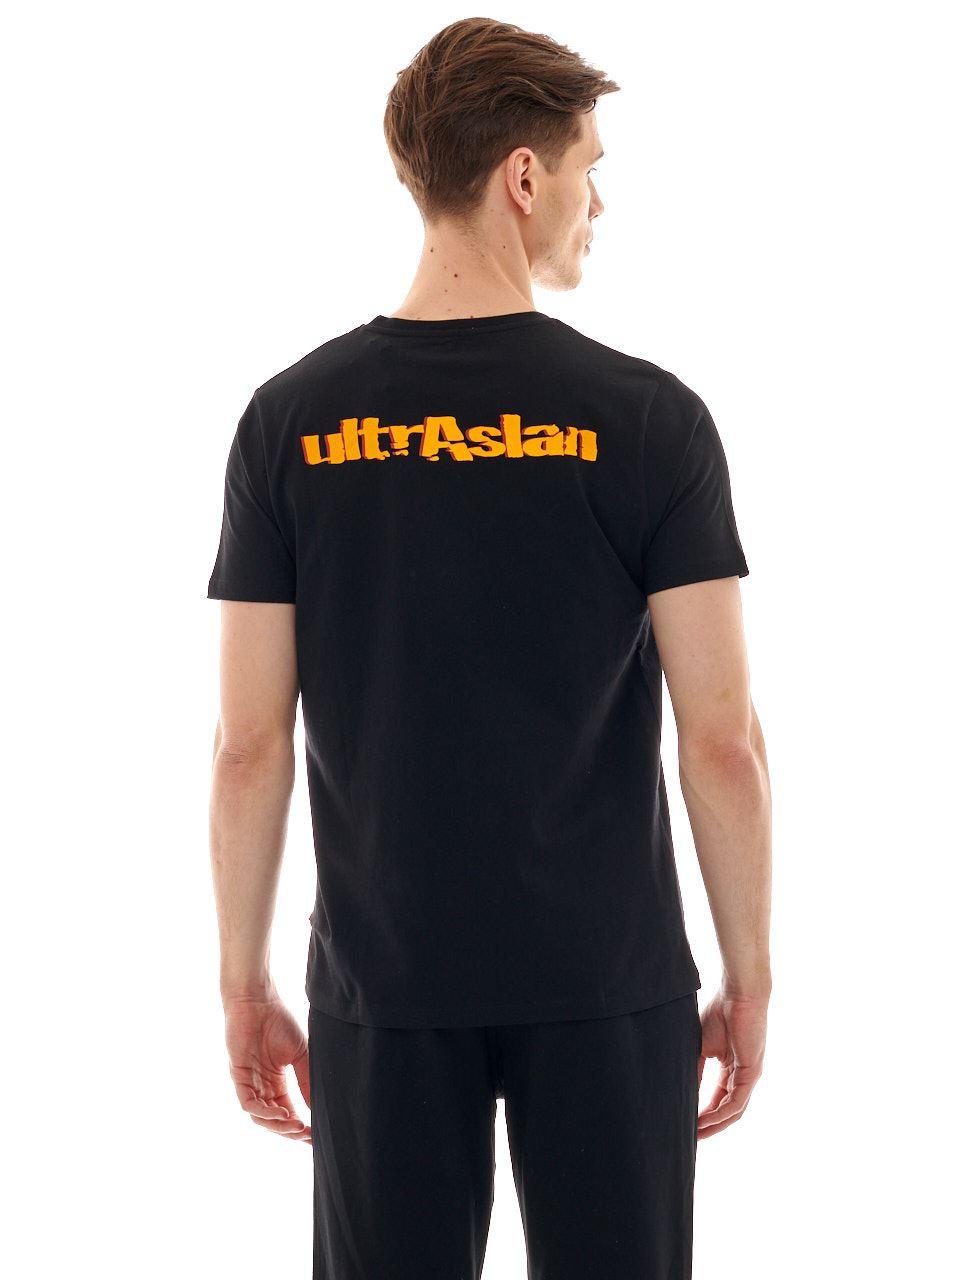 E95328 ultrAslan T-shirt